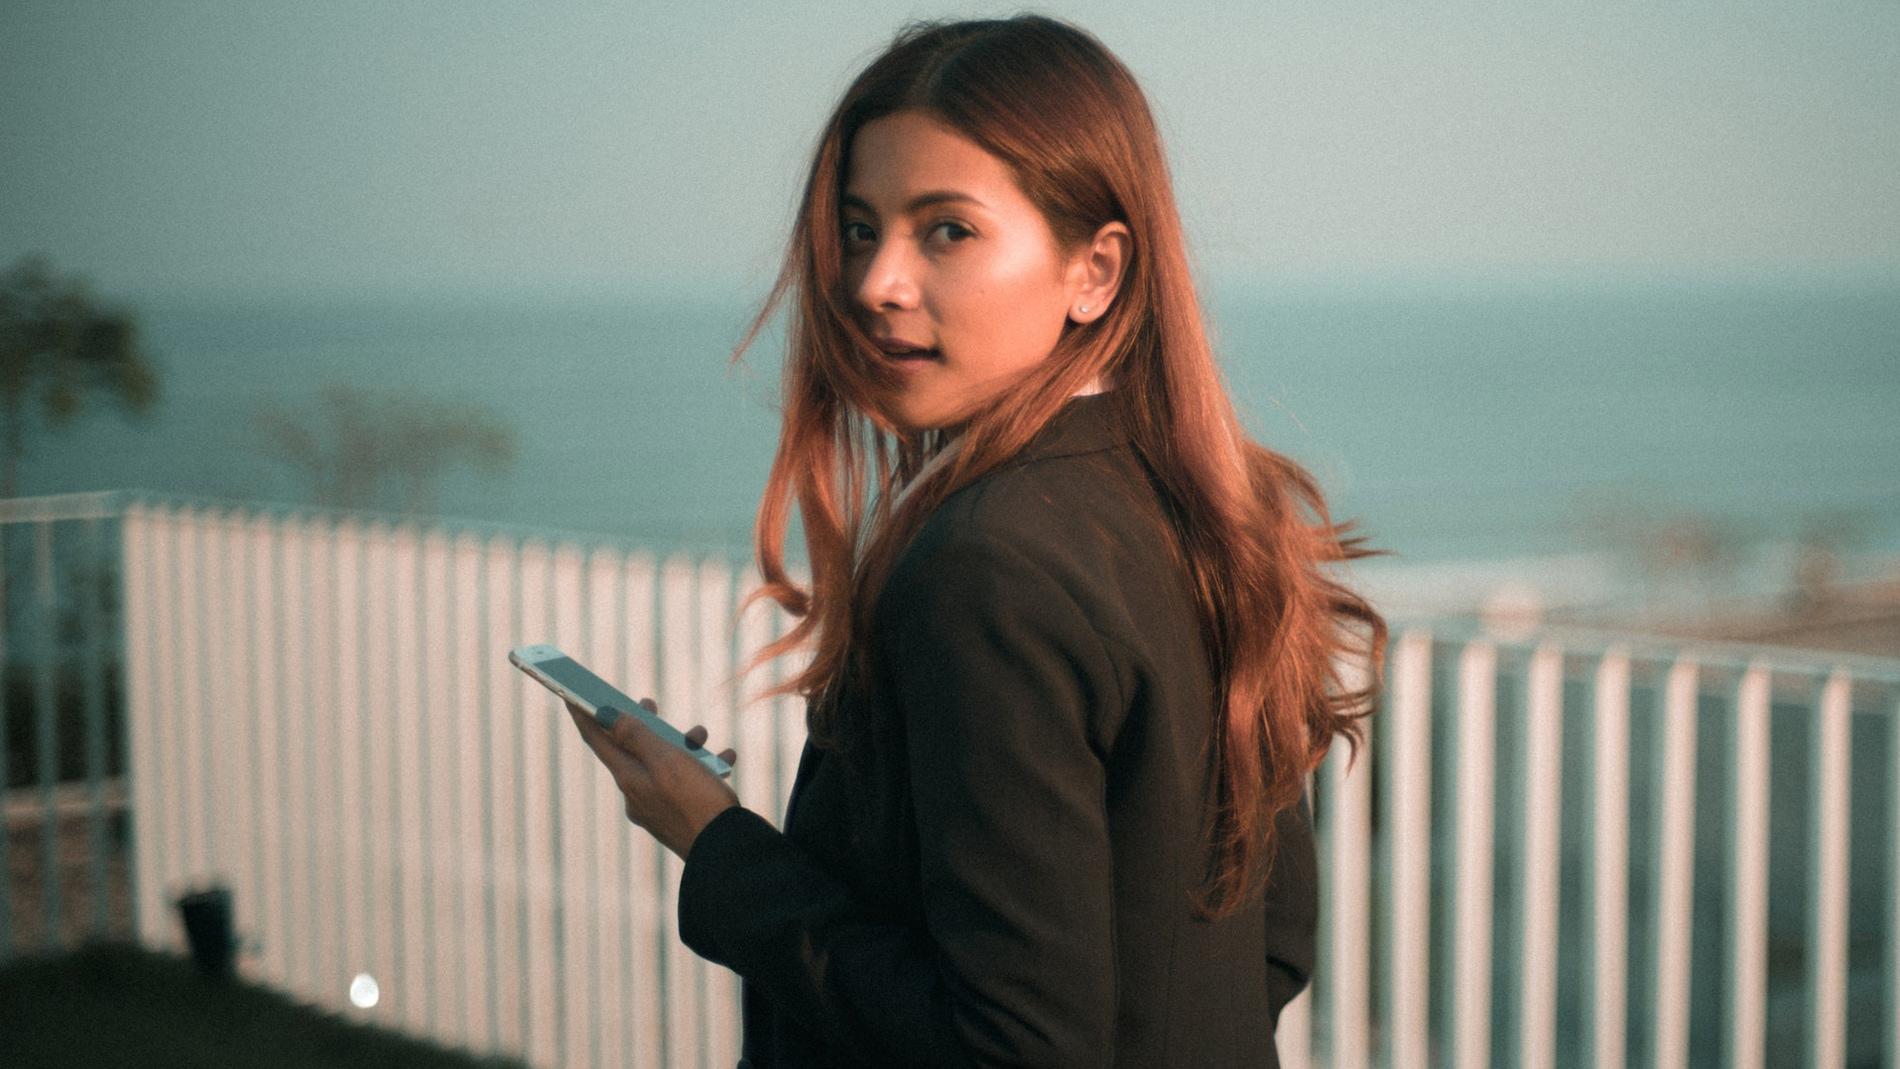 Las mujeres fingen que usan el teléfono mientras caminan con más frecuencia que los hombres.